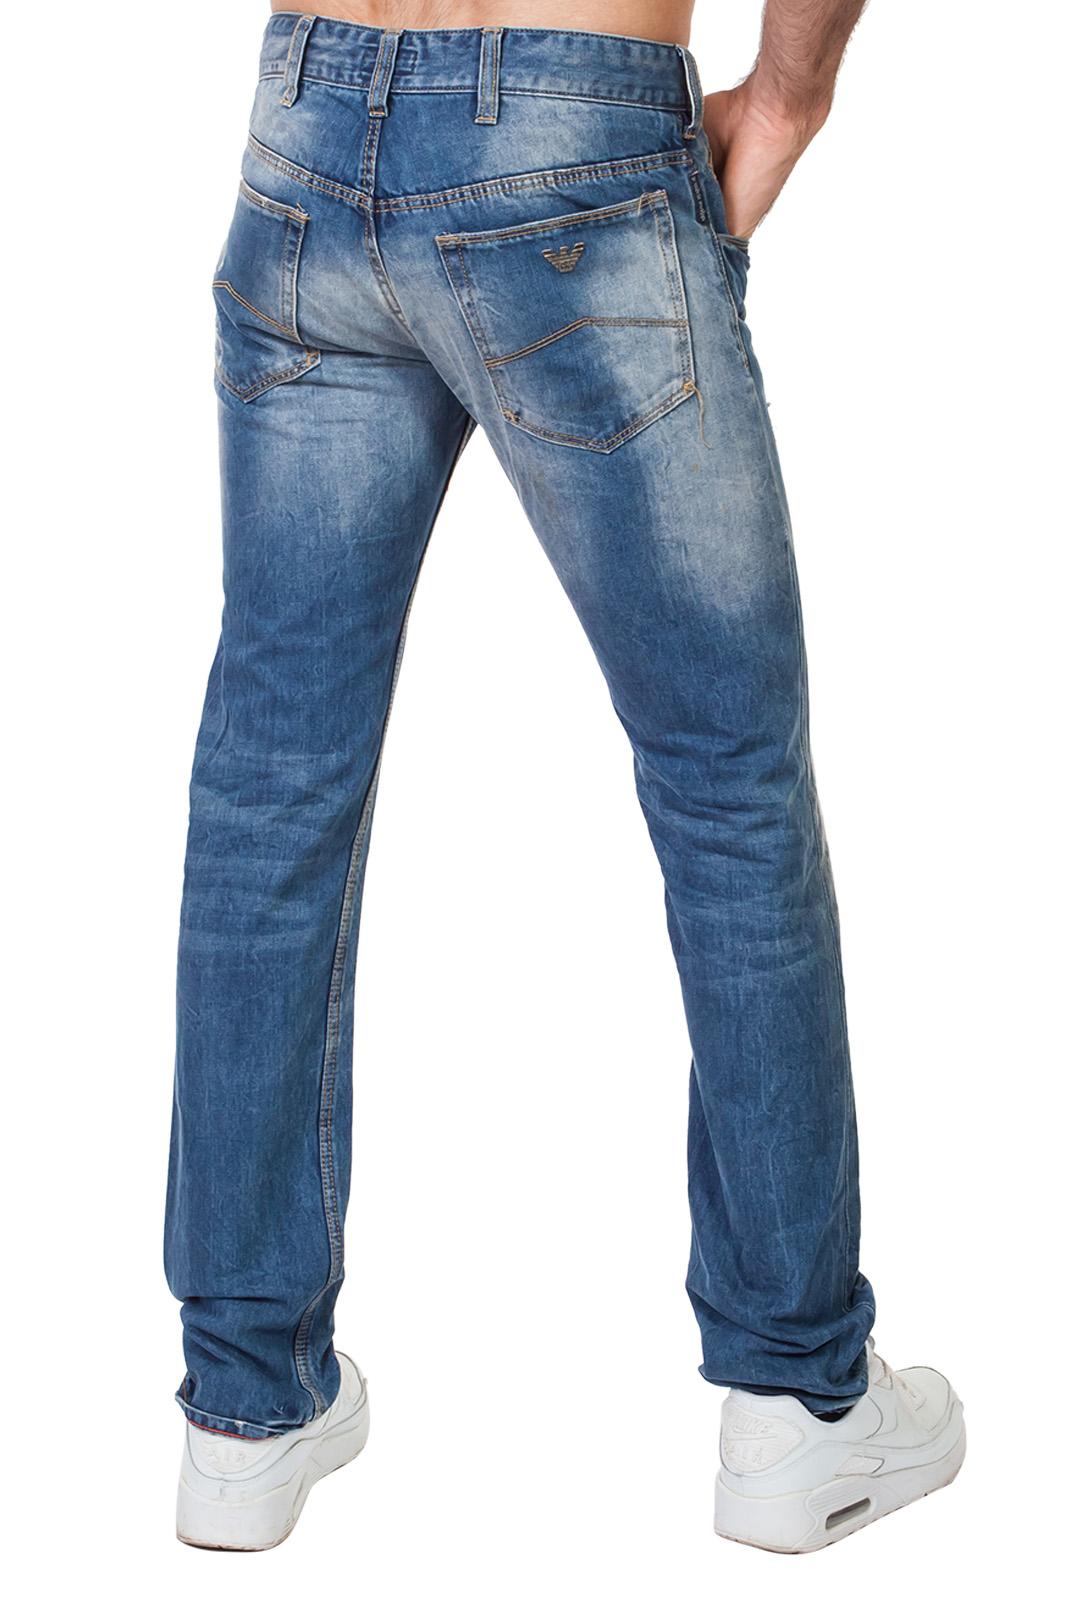 Купить классические мужские джинсы